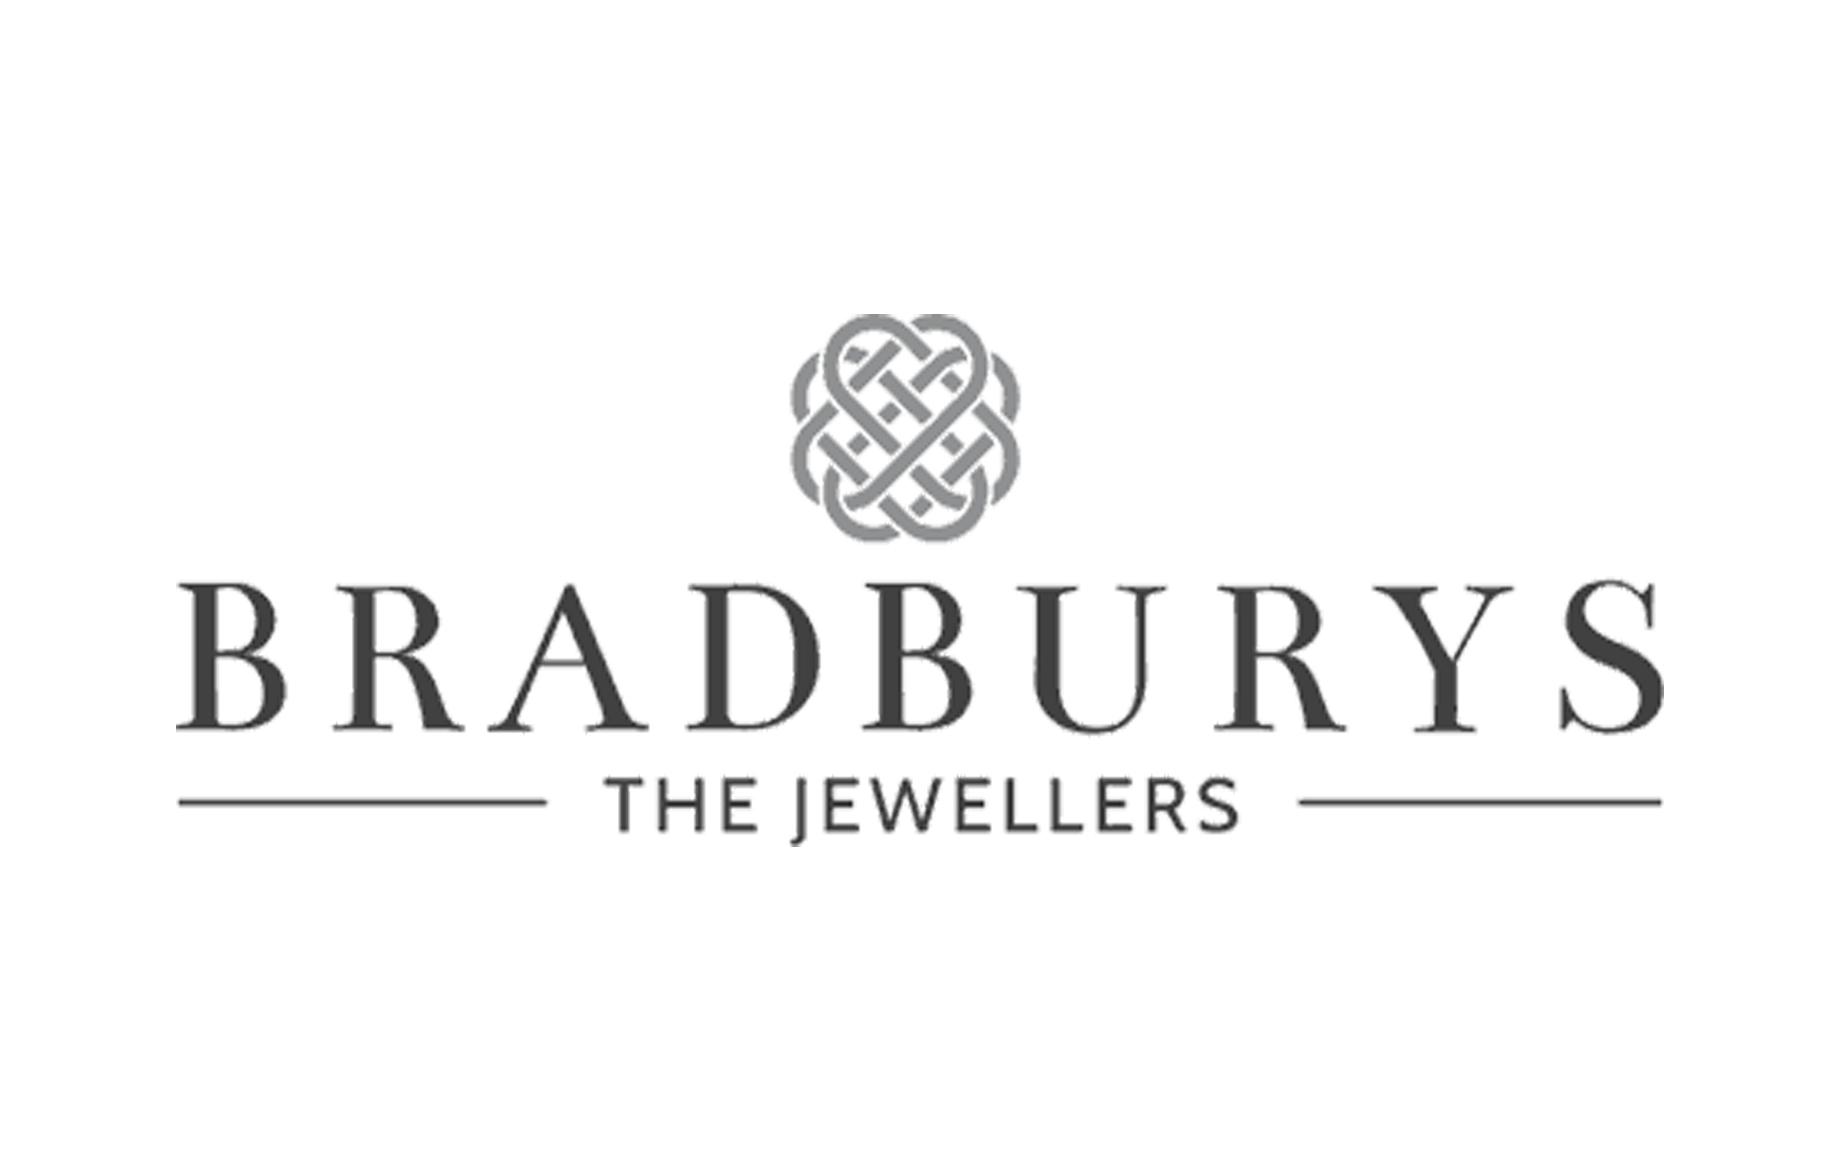 Bradburys Tage Jewellers